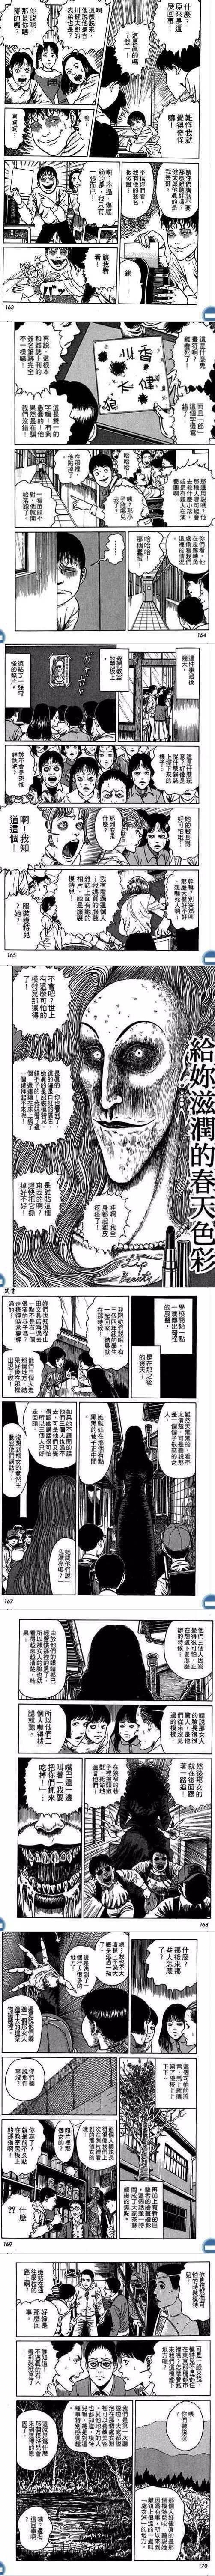 日本恐怖漫画《流言》伊藤润二系列图片